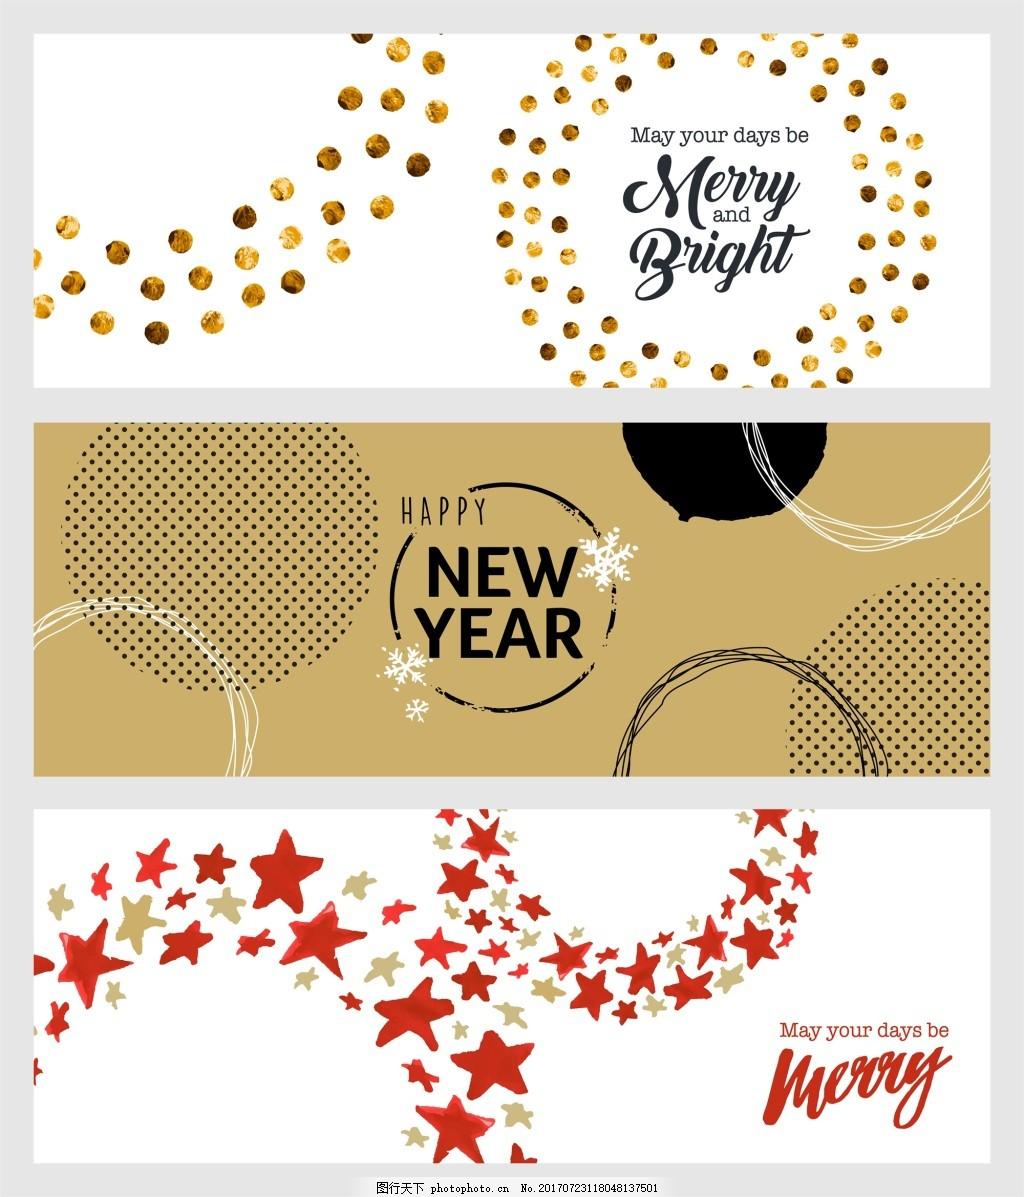 五角星2017年圣诞新年横幅海报矢量